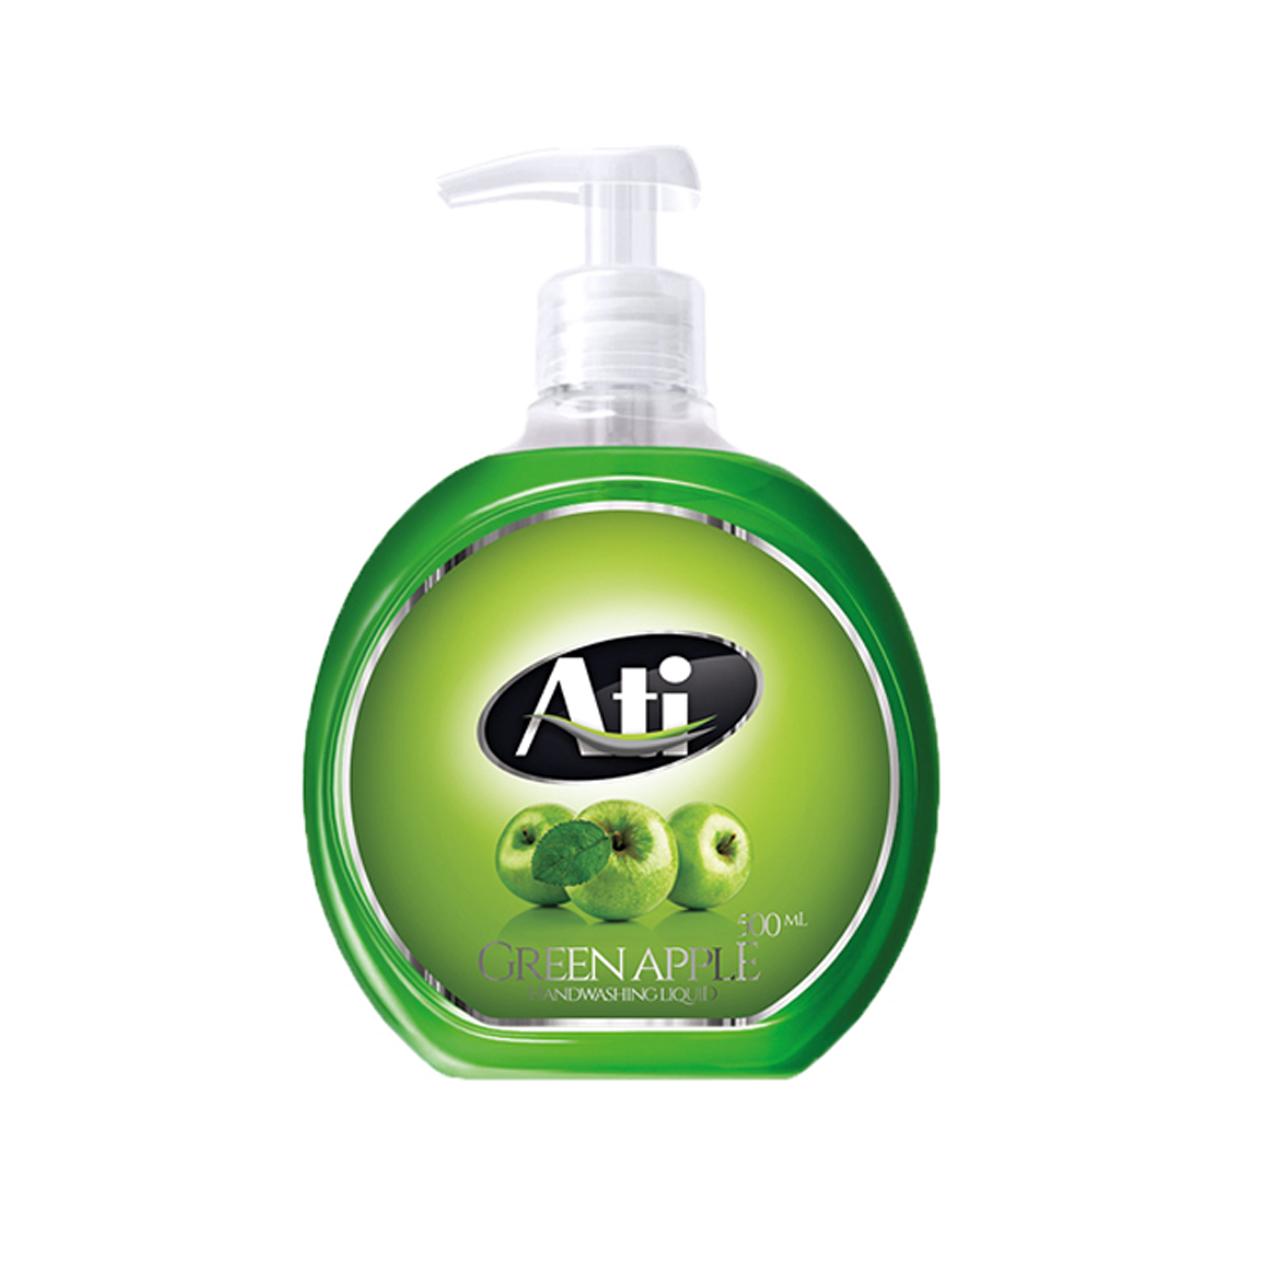 مایع دستشویی آتی با رایحه سیب وزن 500 گرم